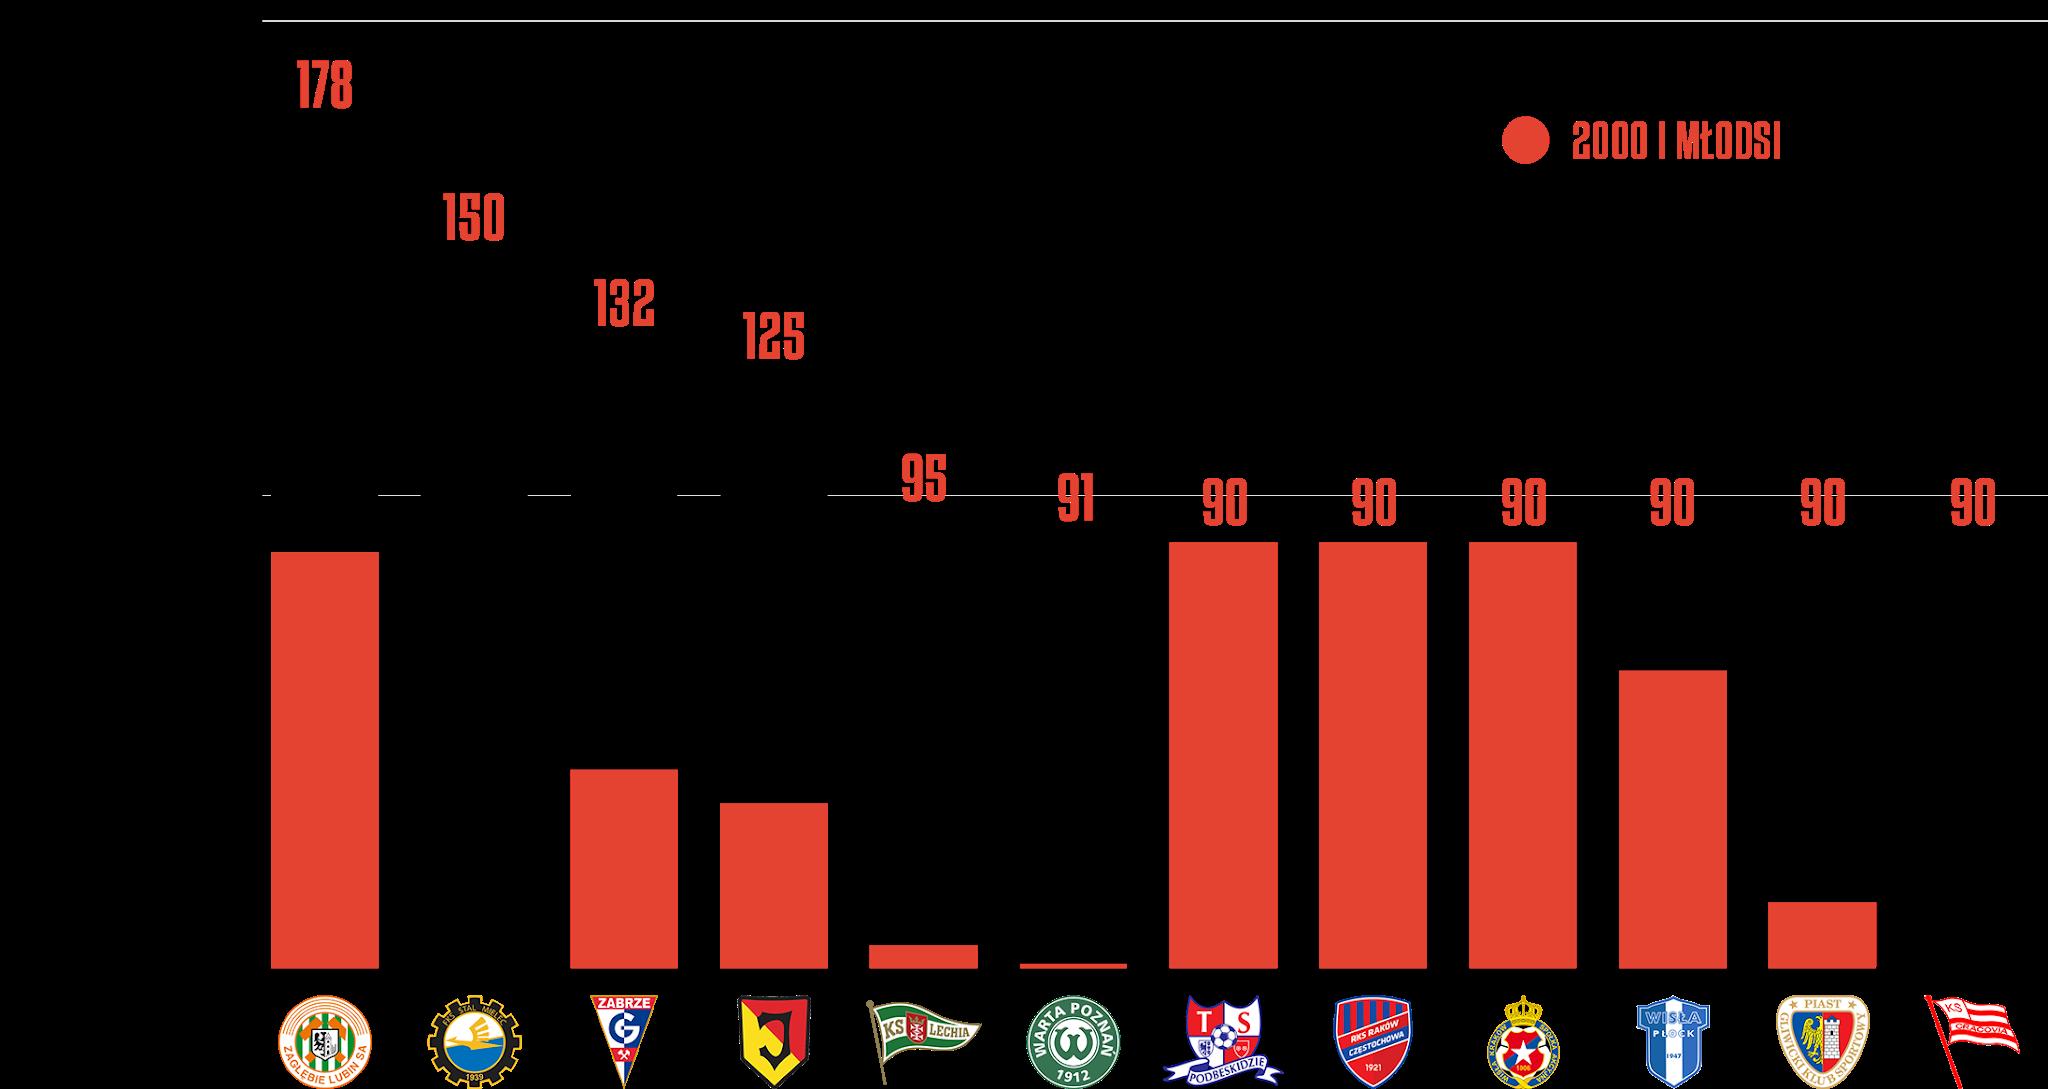 Klasyfikacja klubów pod względem rozegranego czasu przez młodzieżowców w5.kolejce PKO Ekstraklasy<br><br>Źródło: Opracowanie własne na podstawie ekstrastats.pl<br><br>graf. Bartosz Urban